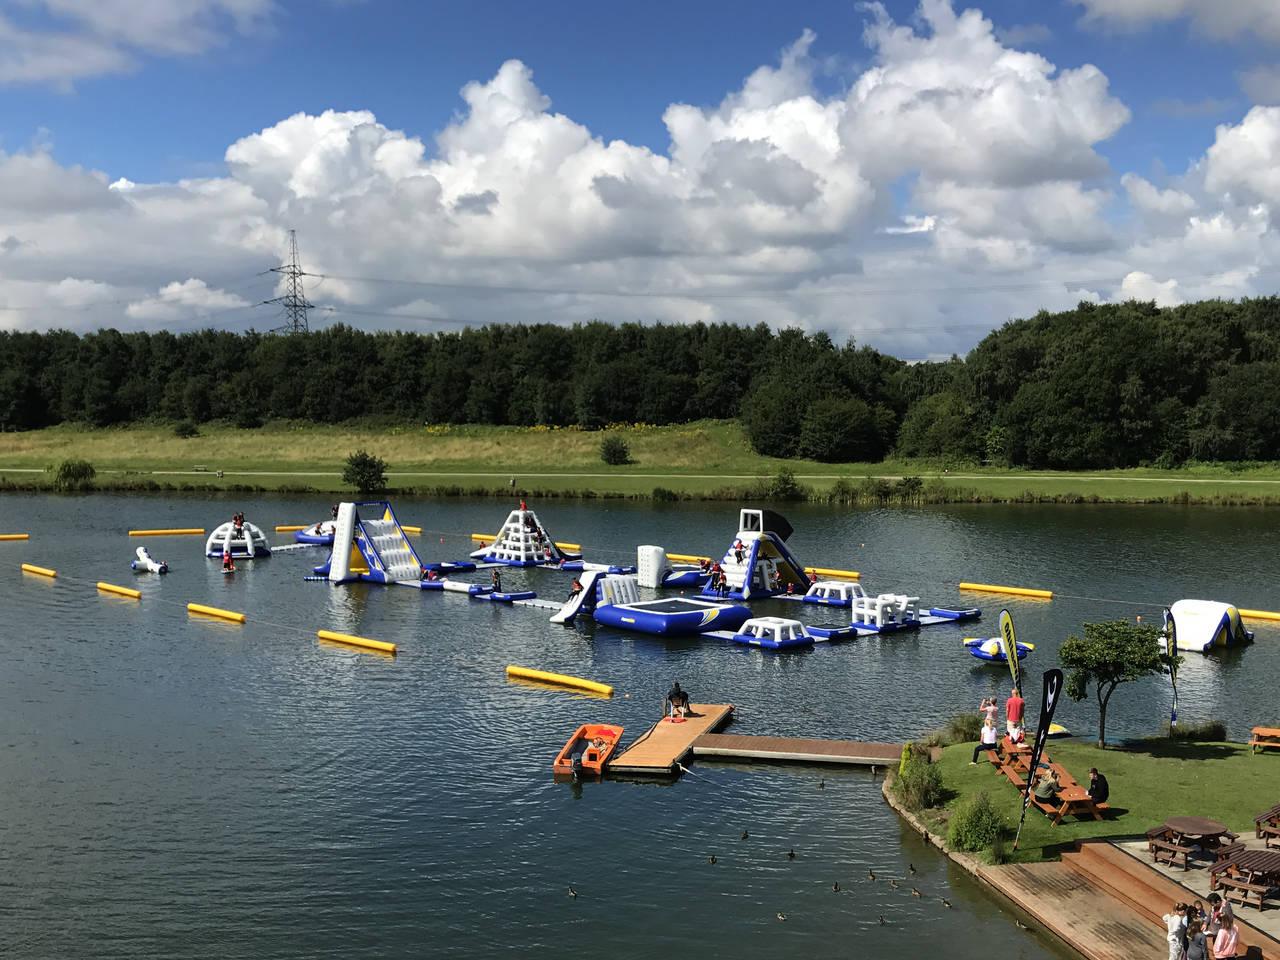 Sheffield Aqua Park